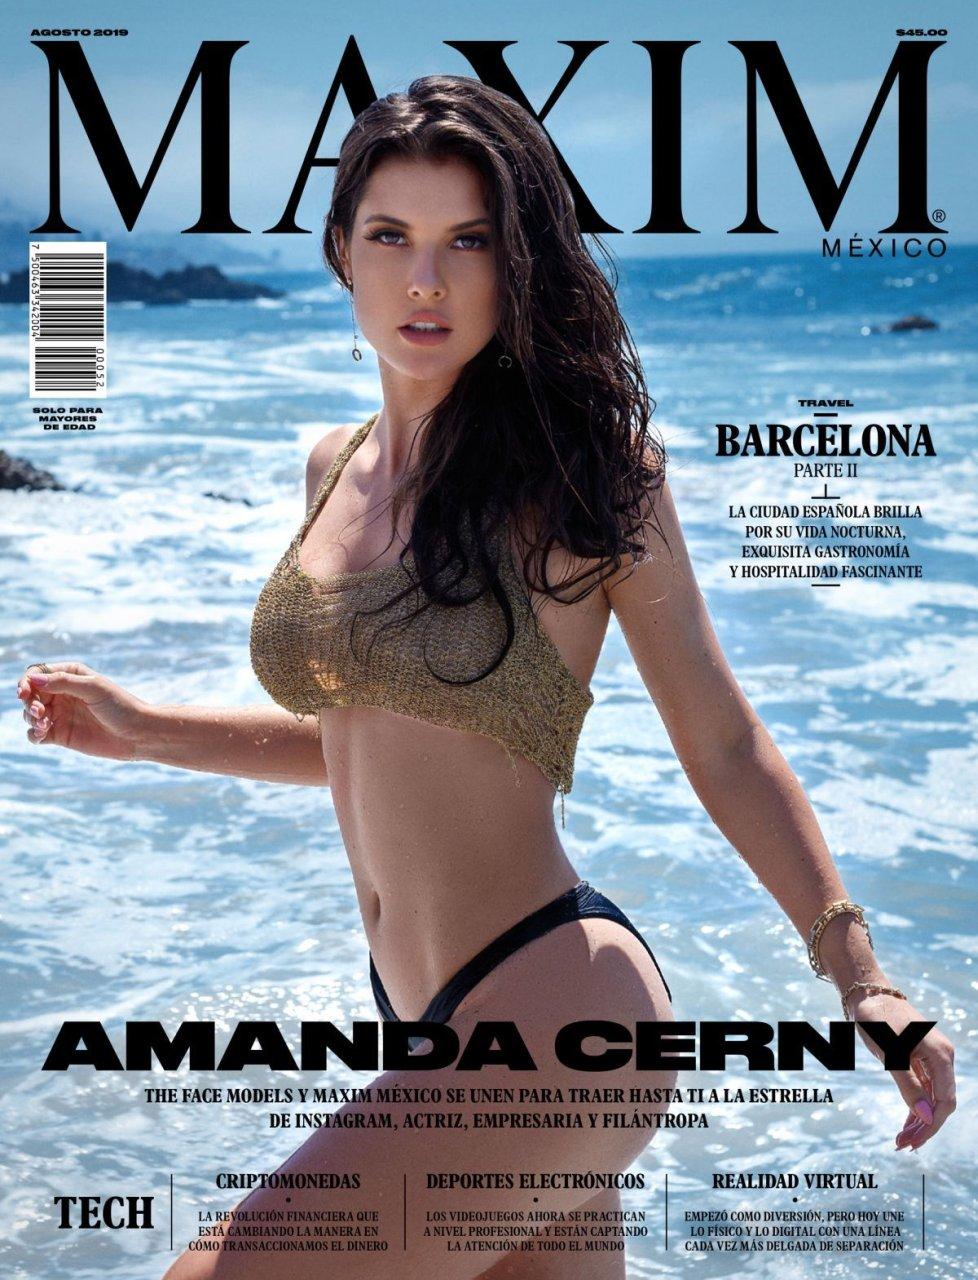 Amanda Cerny Playboy Movie amanda cerny nude photos and videos | #thefappening